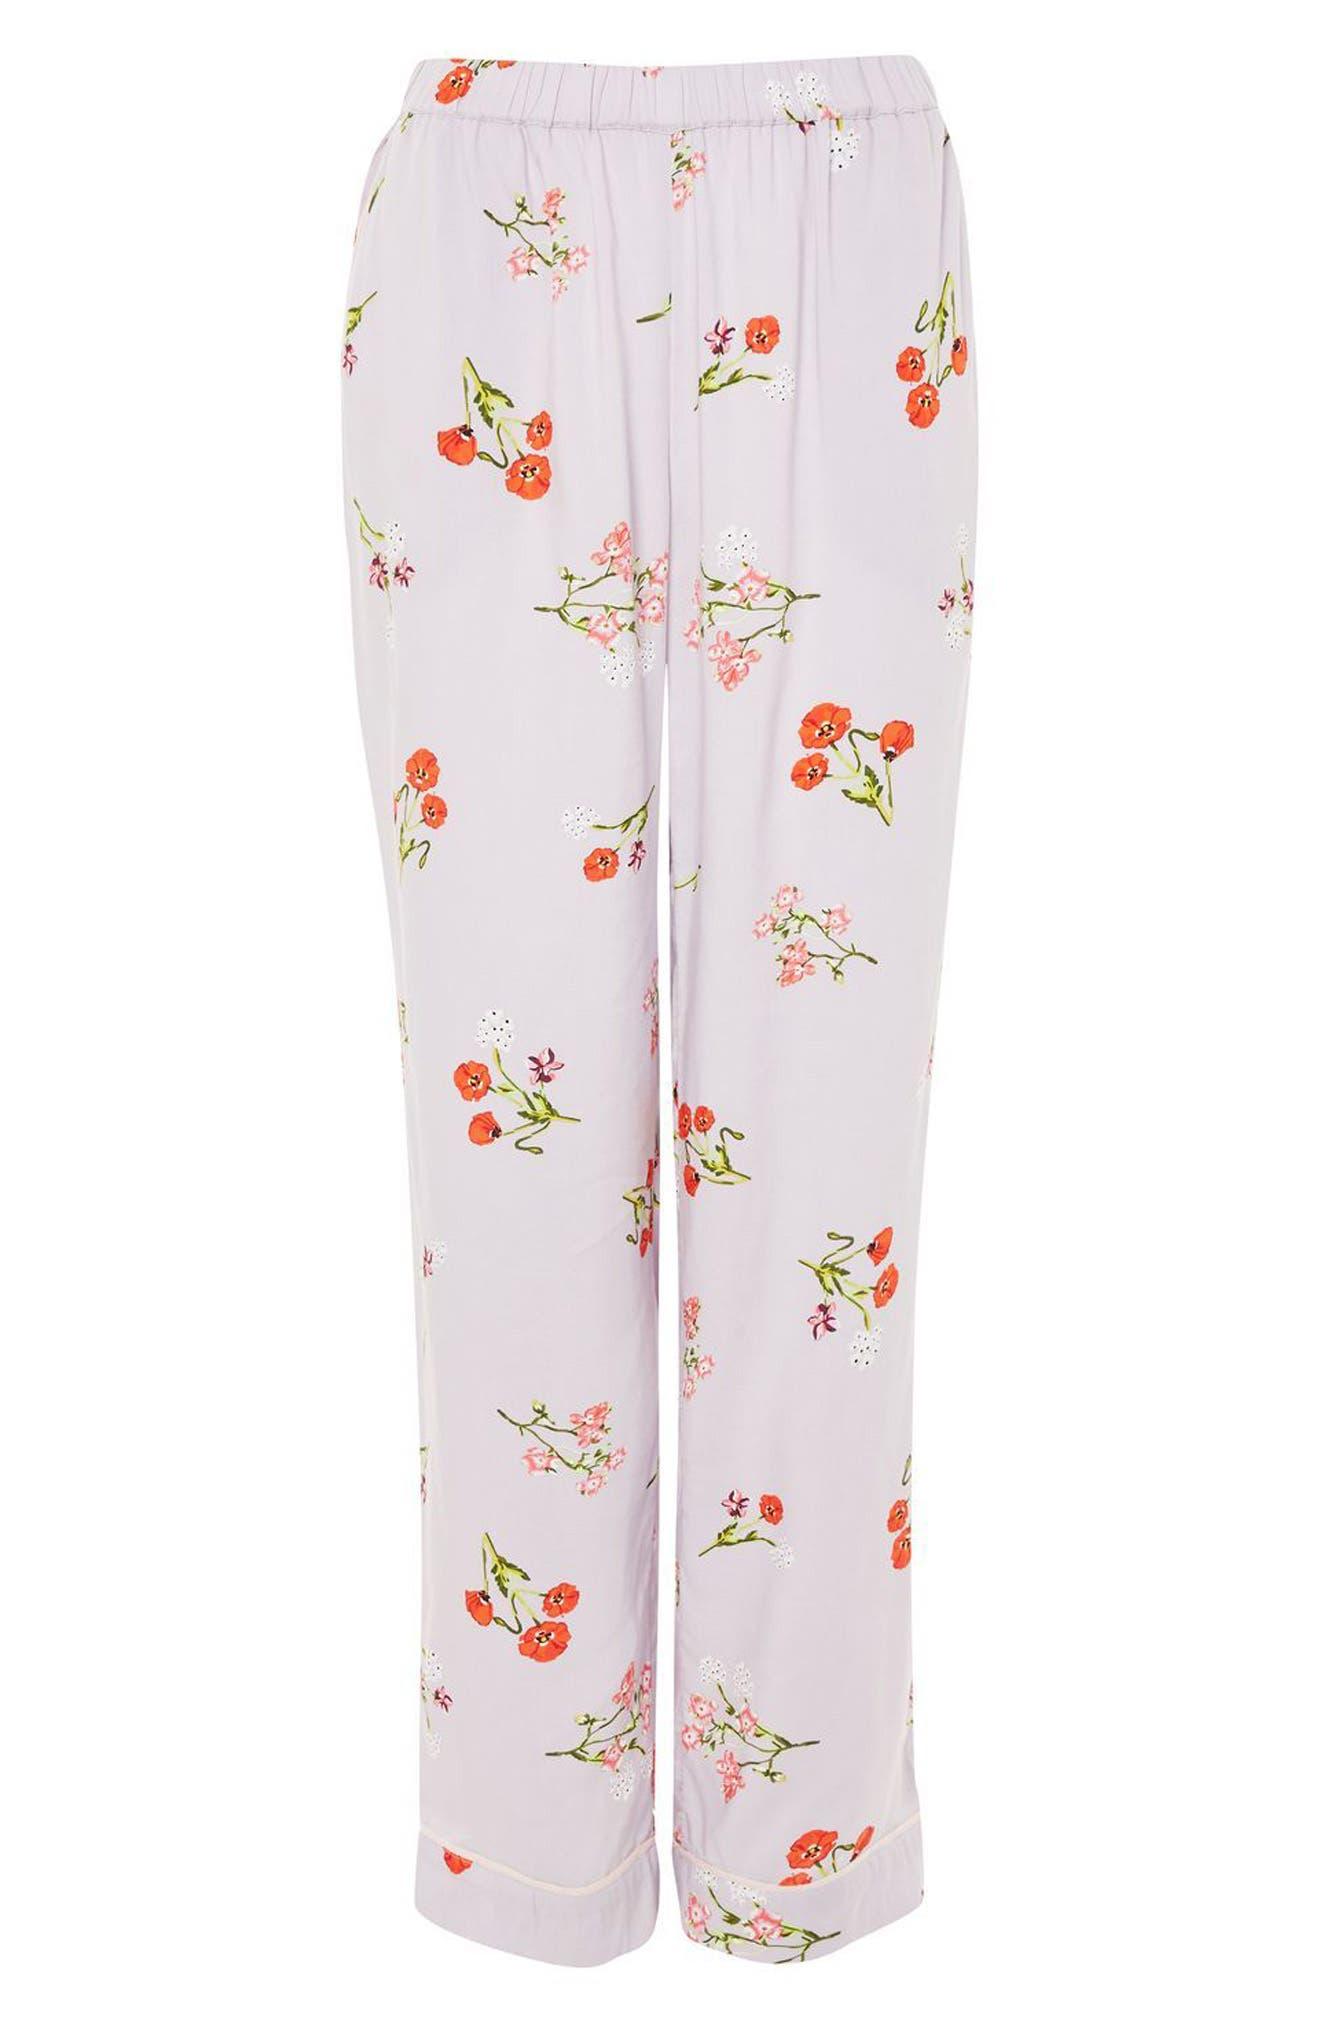 Poppy Print Pajama Pants,                             Alternate thumbnail 3, color,                             Light Blue Multi